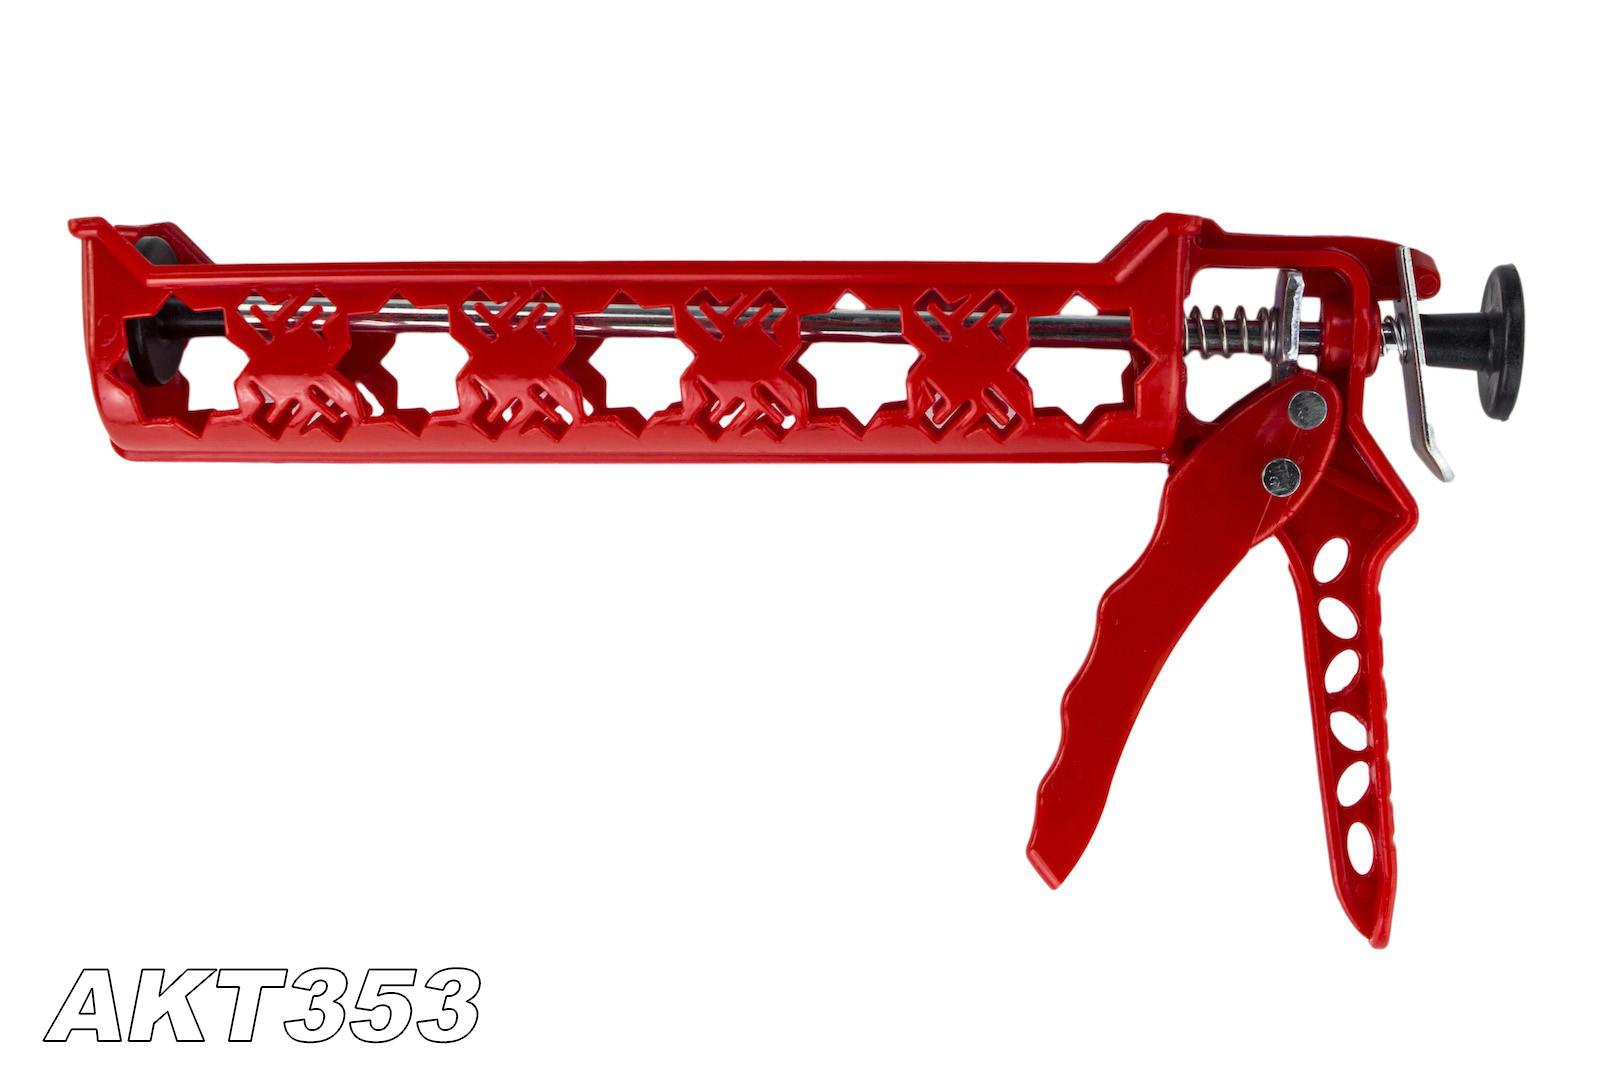 1 Kartuschenpistole | Schnellspannsystem | universell | ProLoc | AKT353